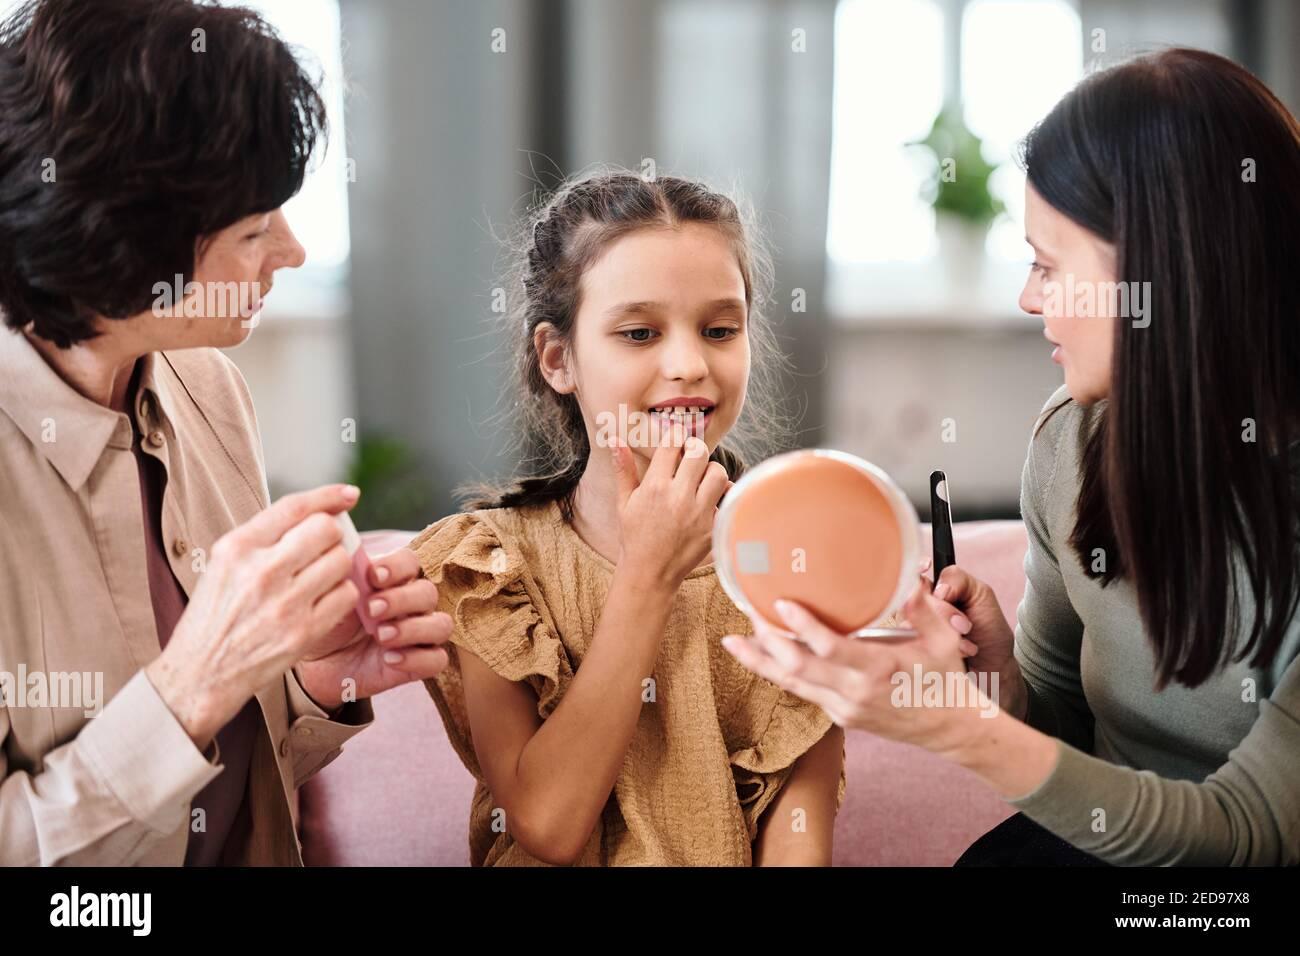 Carino bambina in abito applicando balsamo nutriente sulle labbra mentre guardando nello specchio tenuto dalla giovane donna di brunette che dà il suo consiglio di bellezza Foto Stock